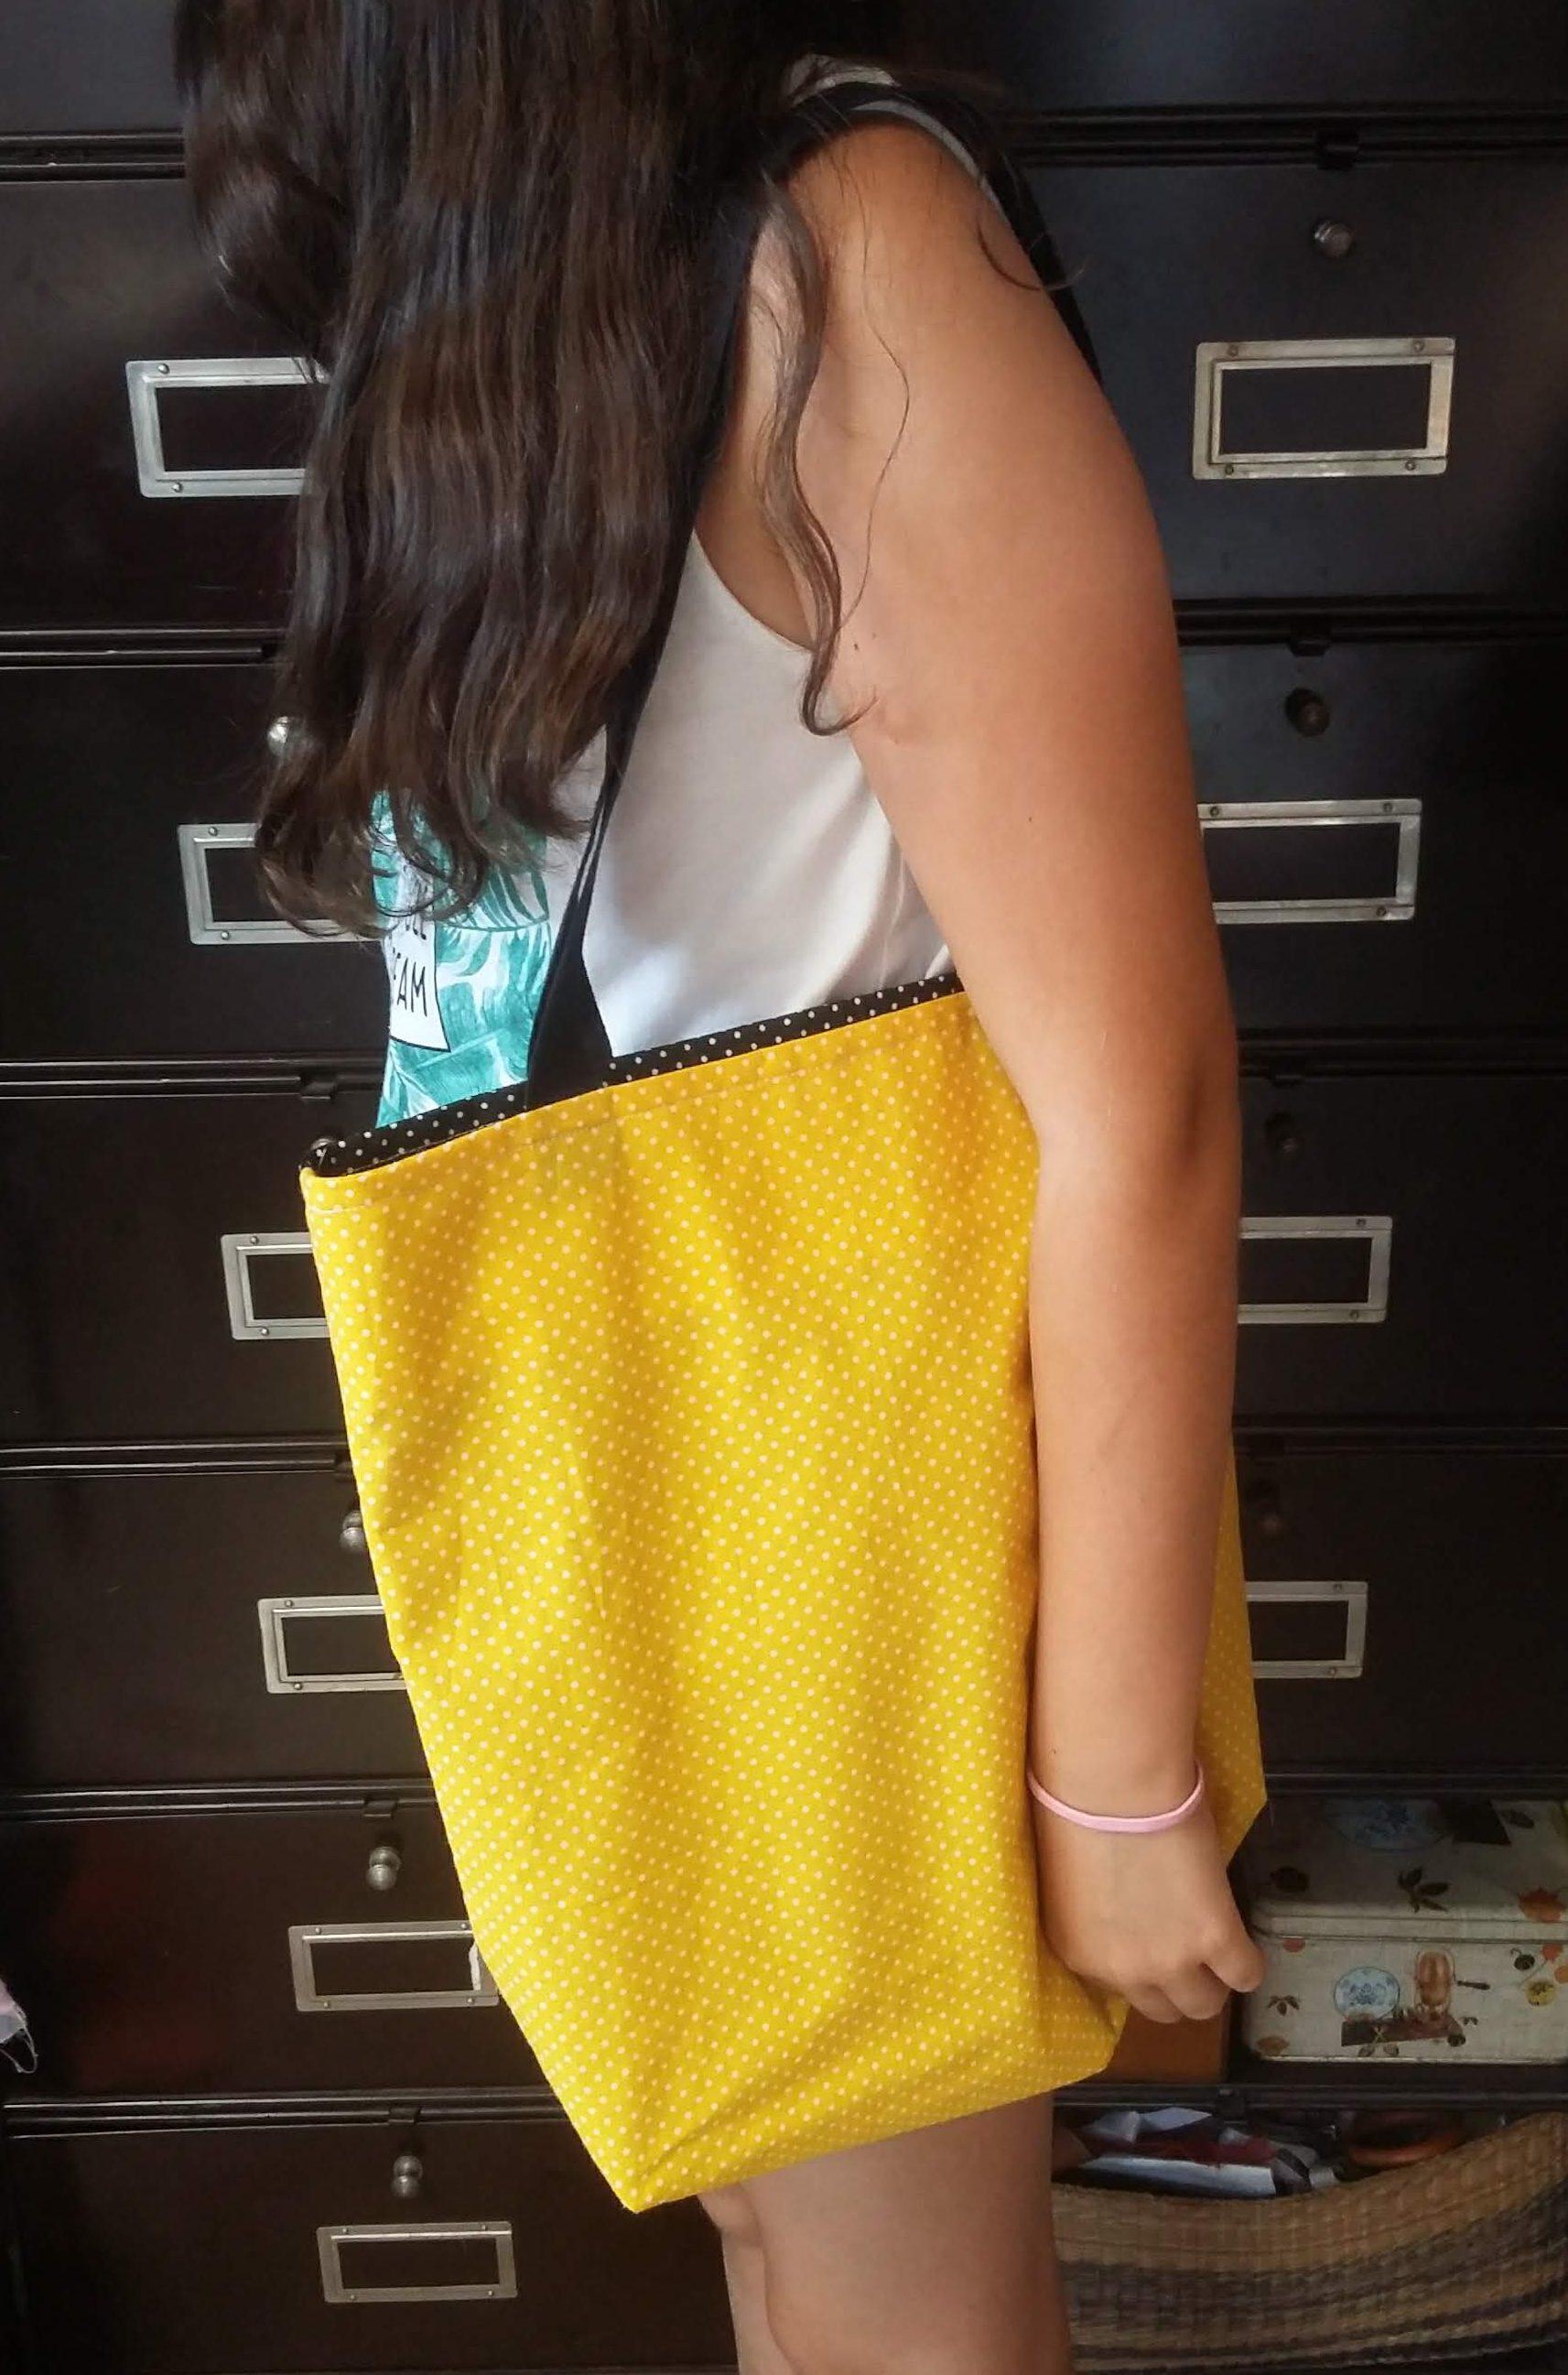 Sac ou tote bag bicolore en tissu coton noir à pois blanc et en tissu coton jaune à pois blanc avec des sangles noires en coton, réalisé par une élève débutante lors d'un cours de couture de deux heures